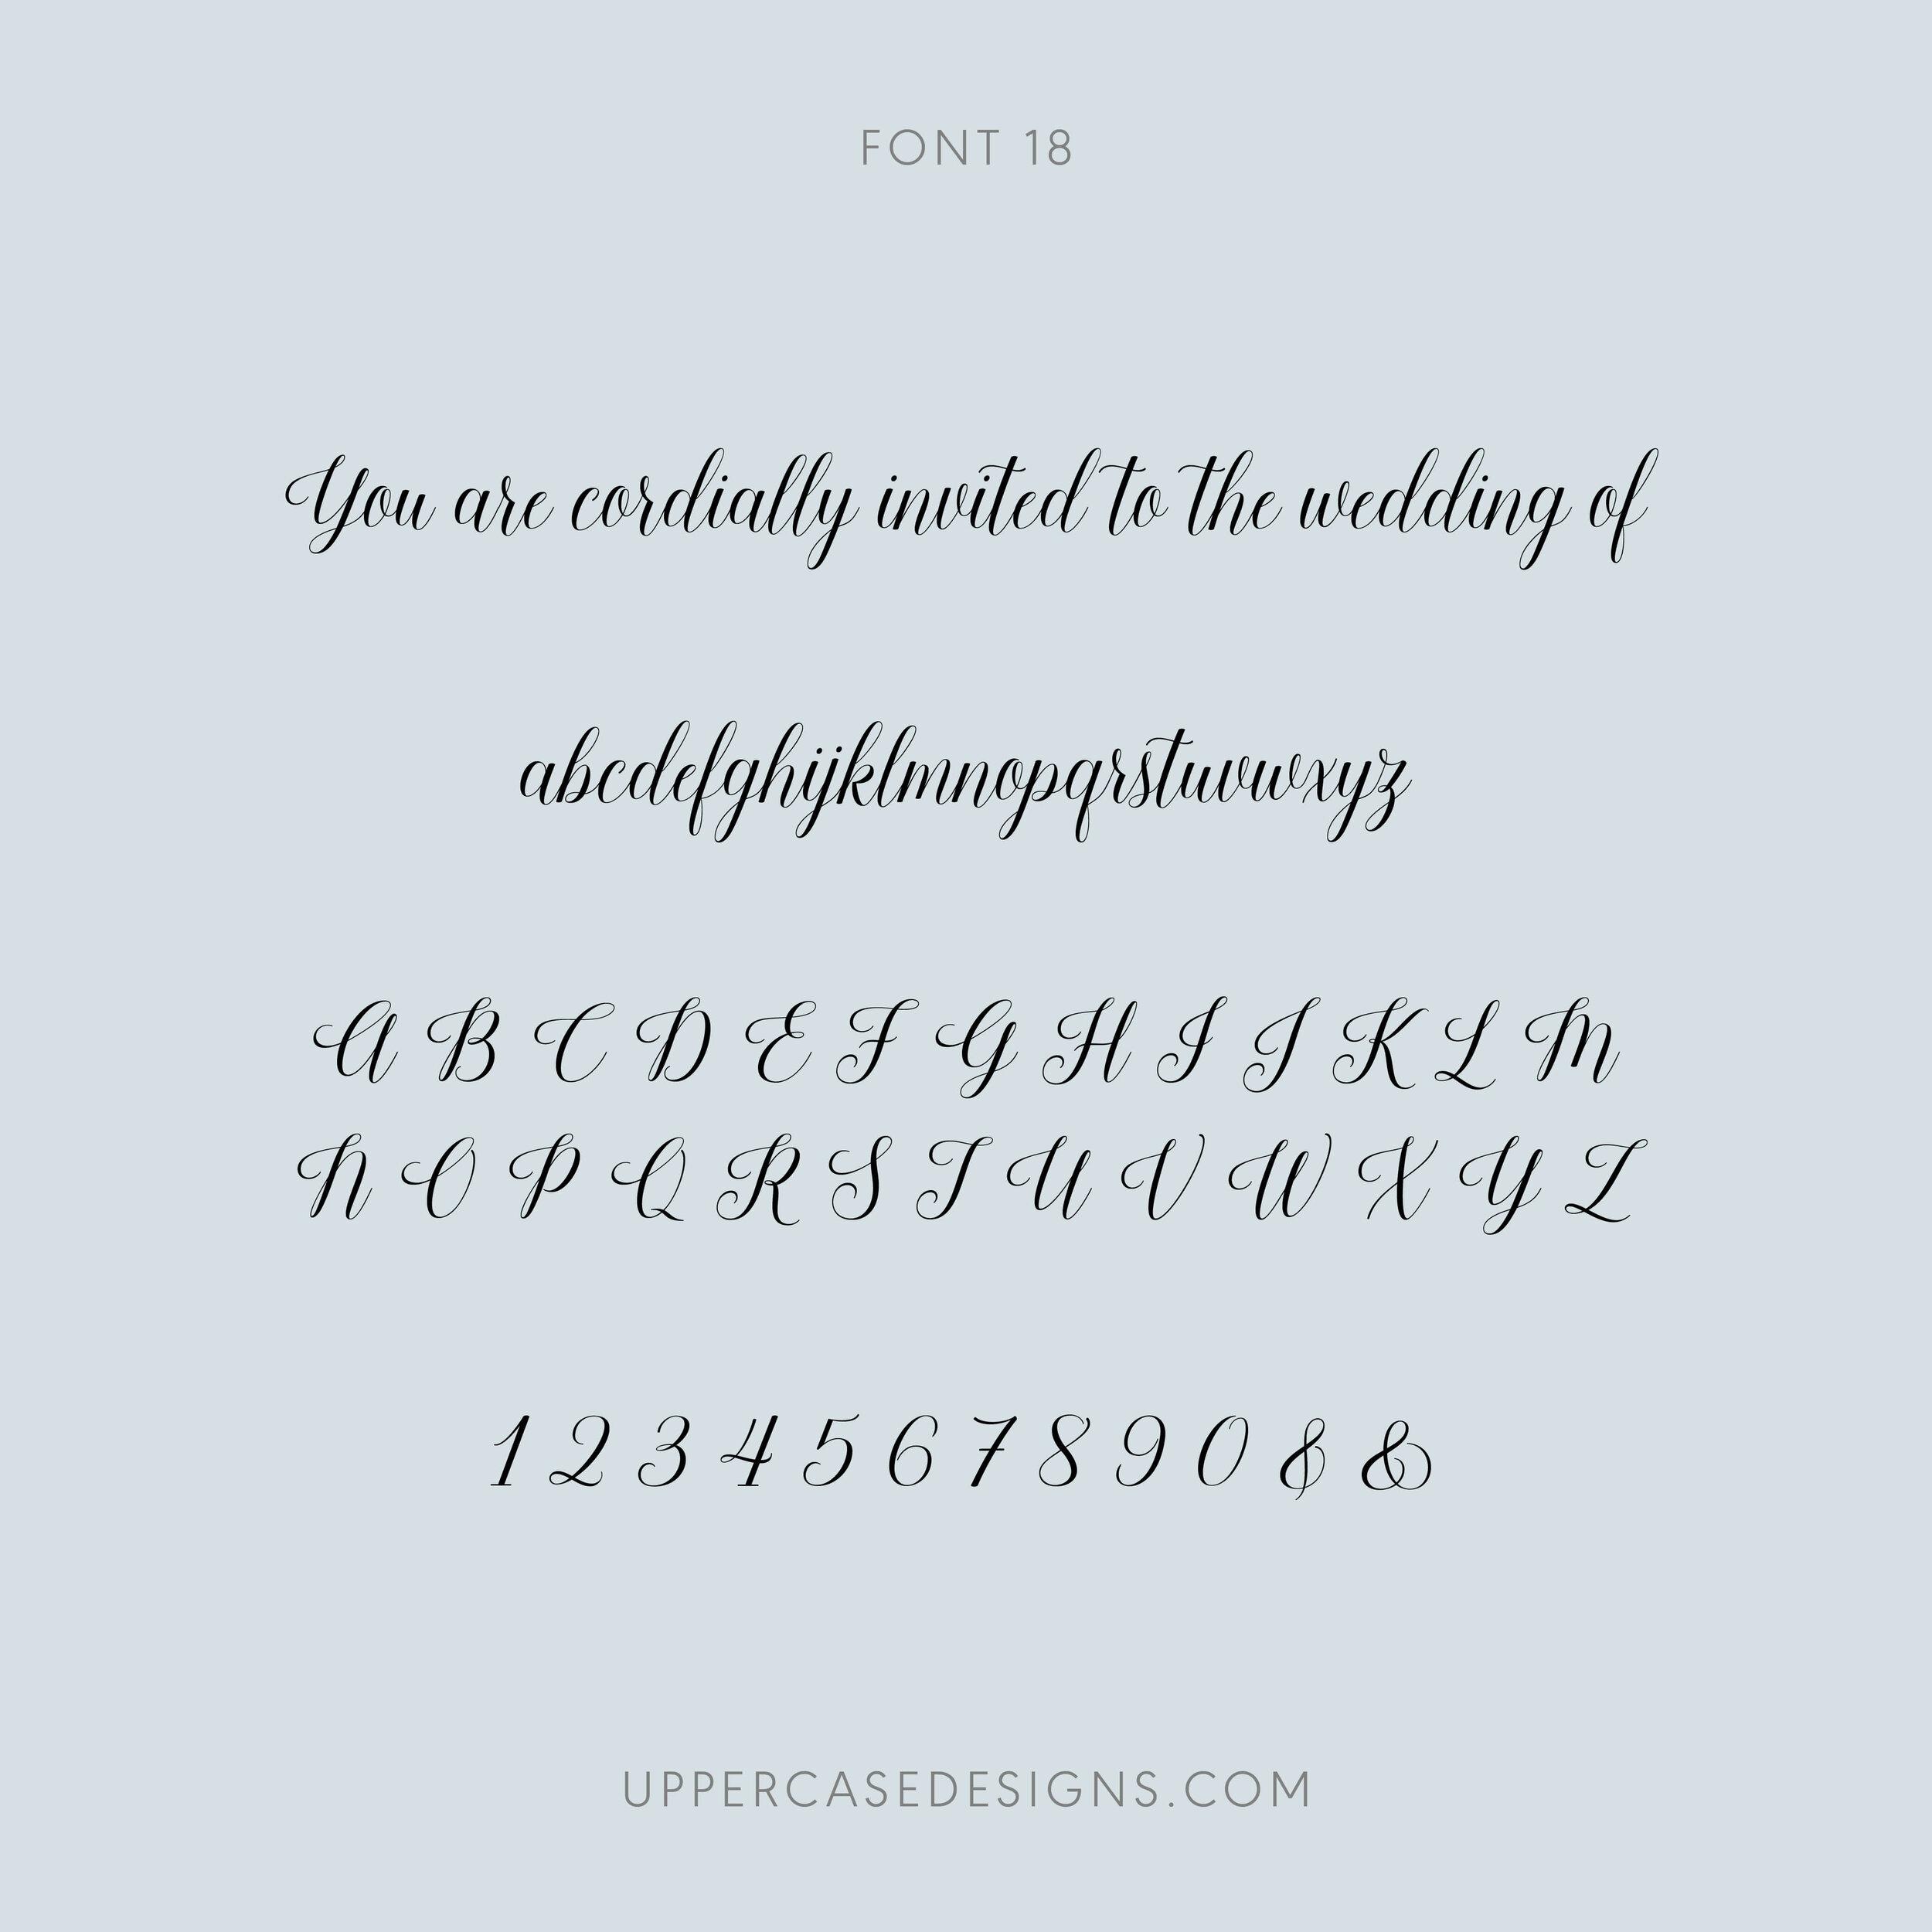 UppercaseDesigns-Fonts-202018.jpg